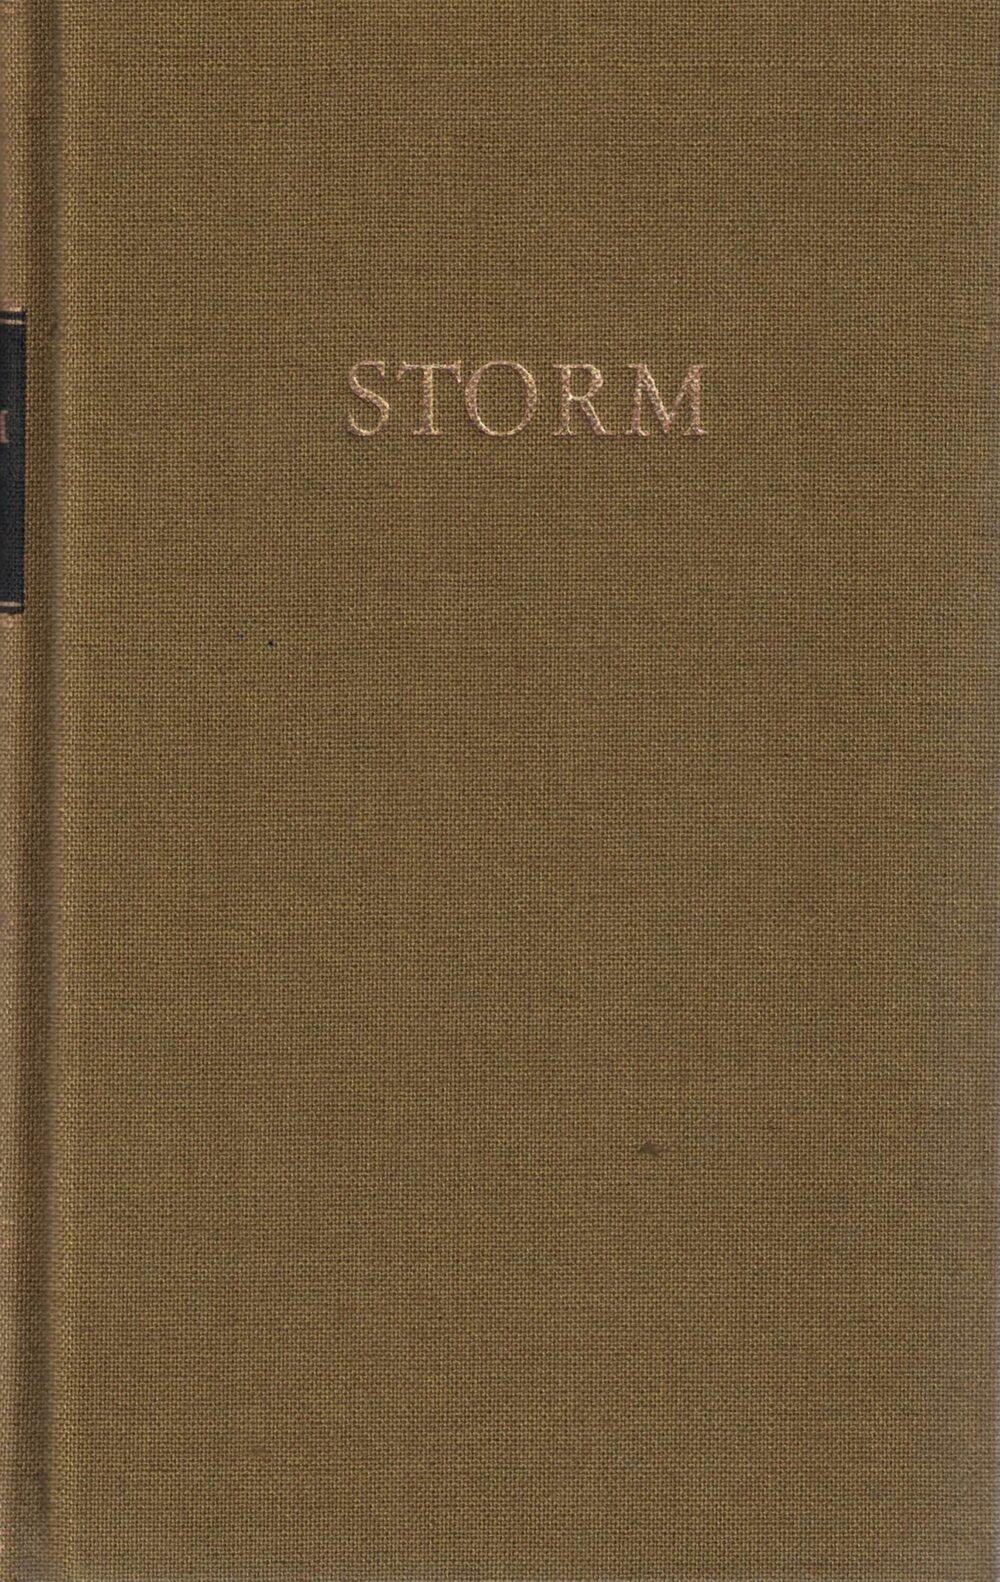 Storm Werke in zwei Bänden